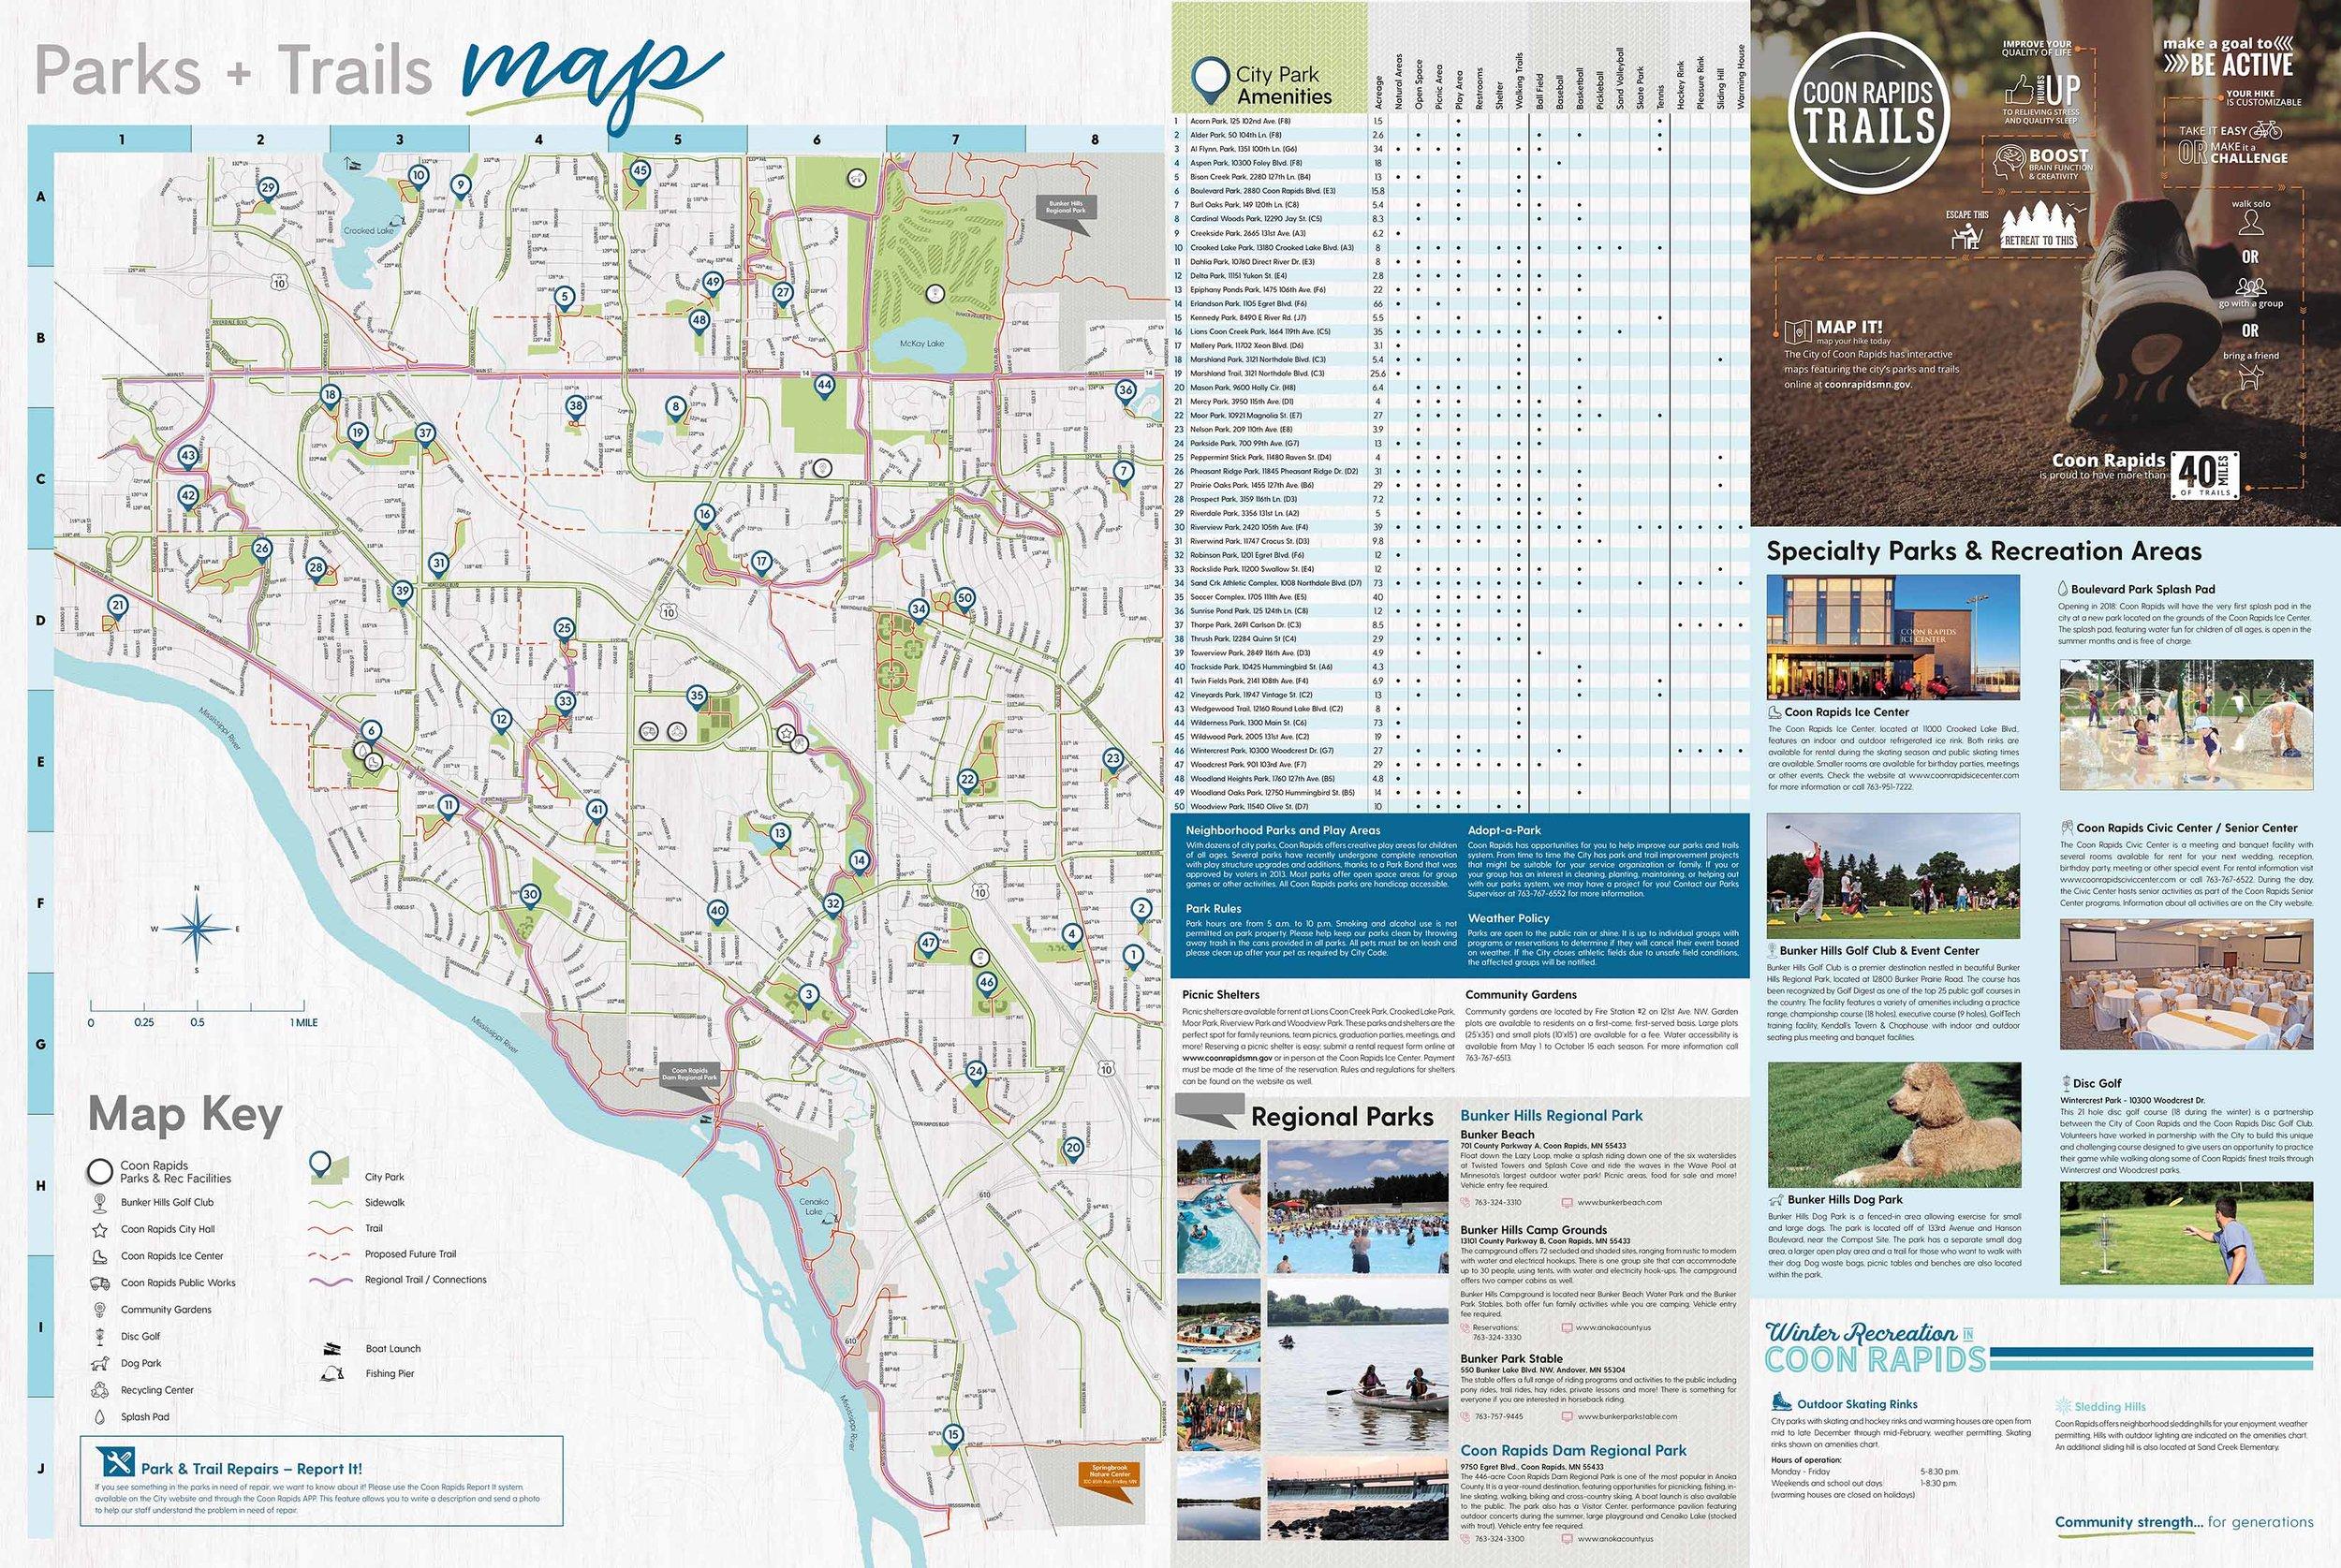 Coon Rapids Parks & Trails Map